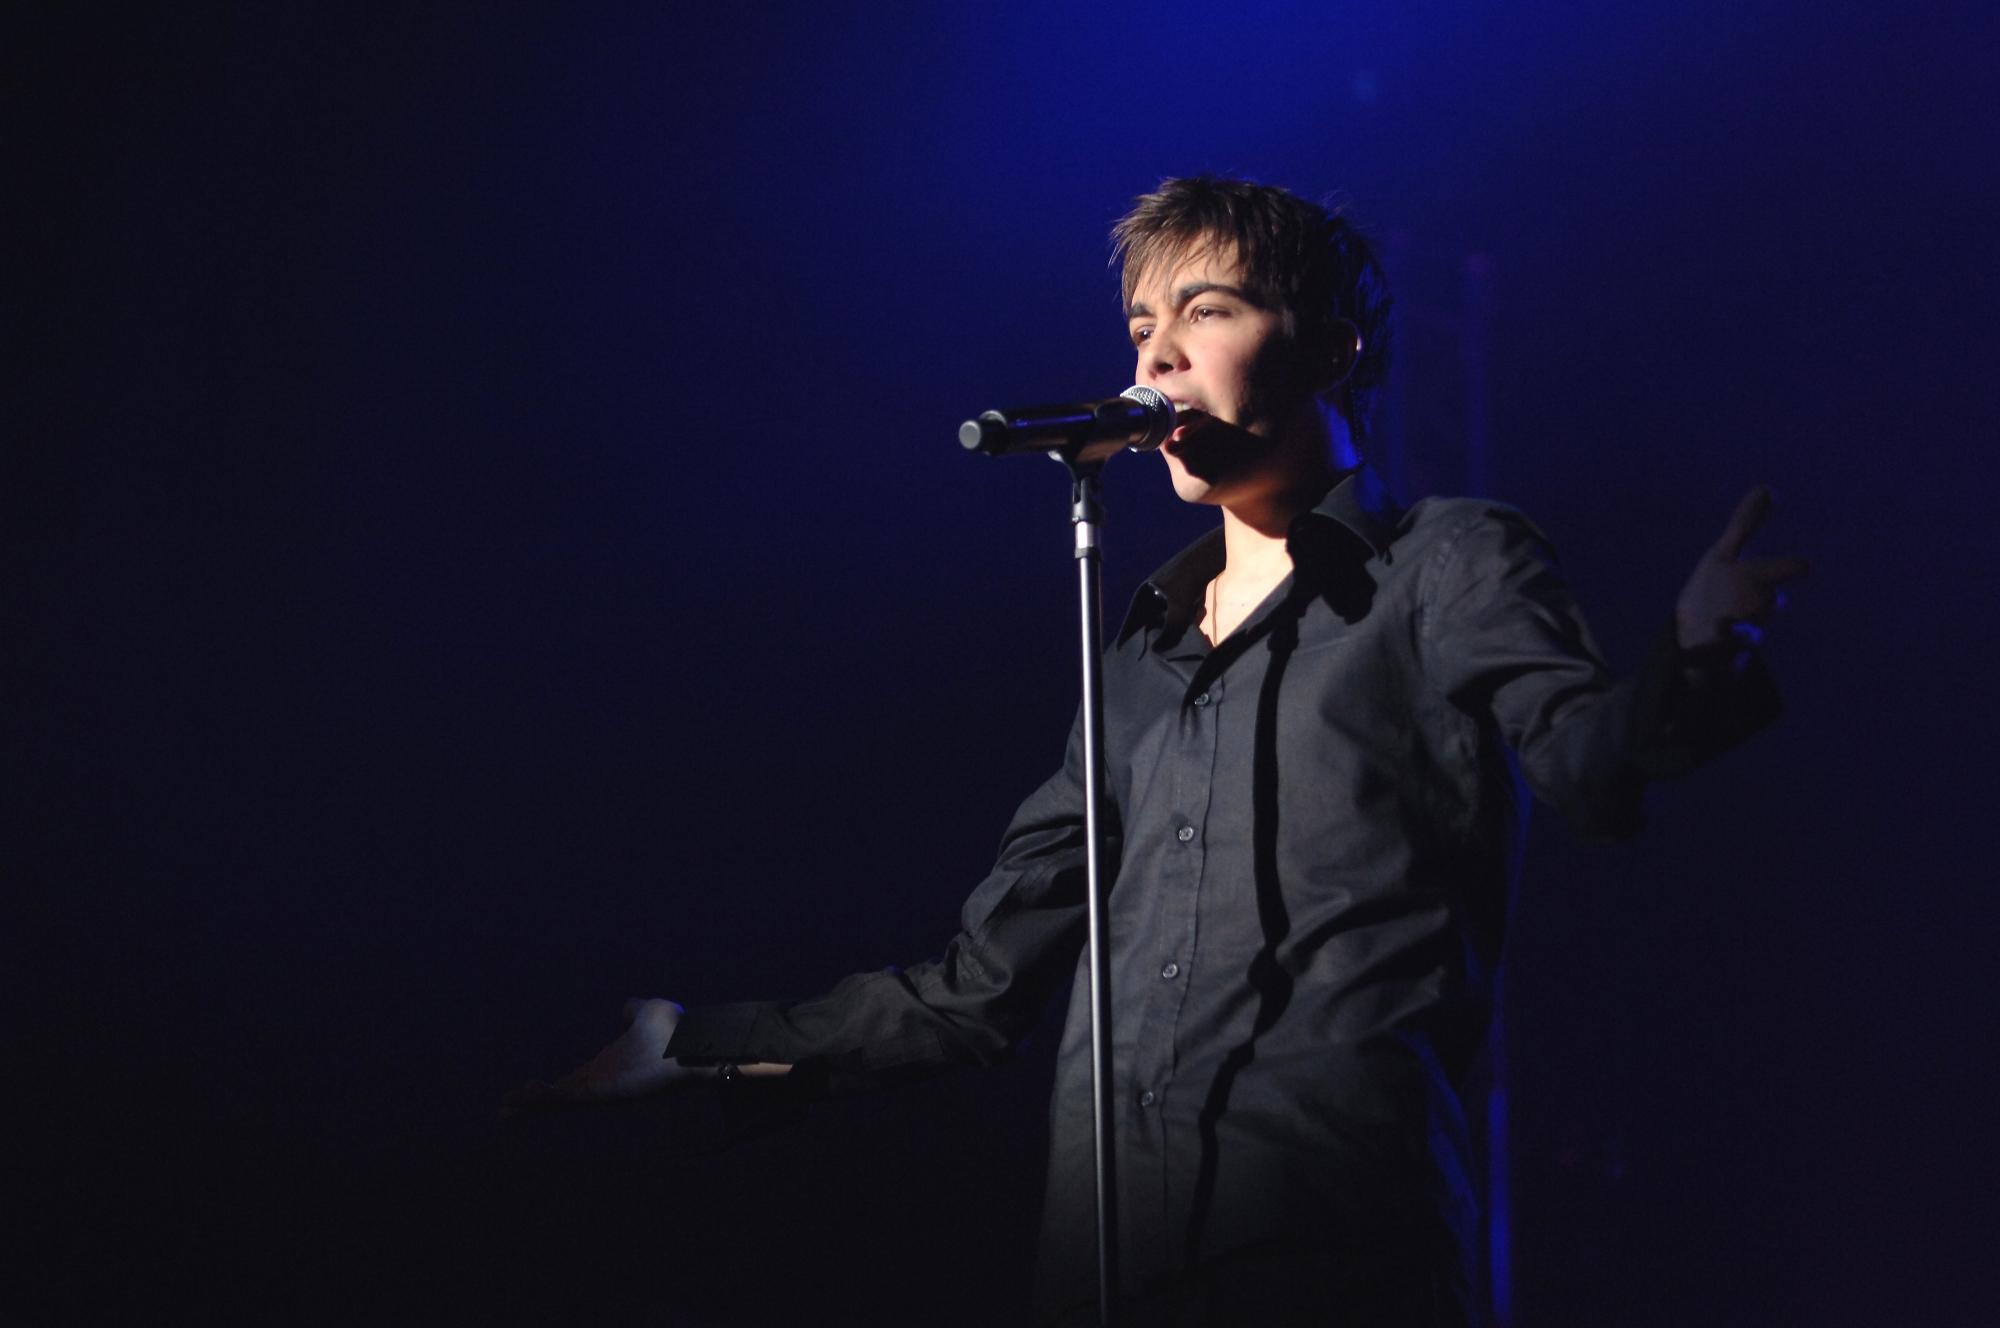 Au Zénith, Patrick Fiori chantera une chanson inédite de Grégory Lemarchal